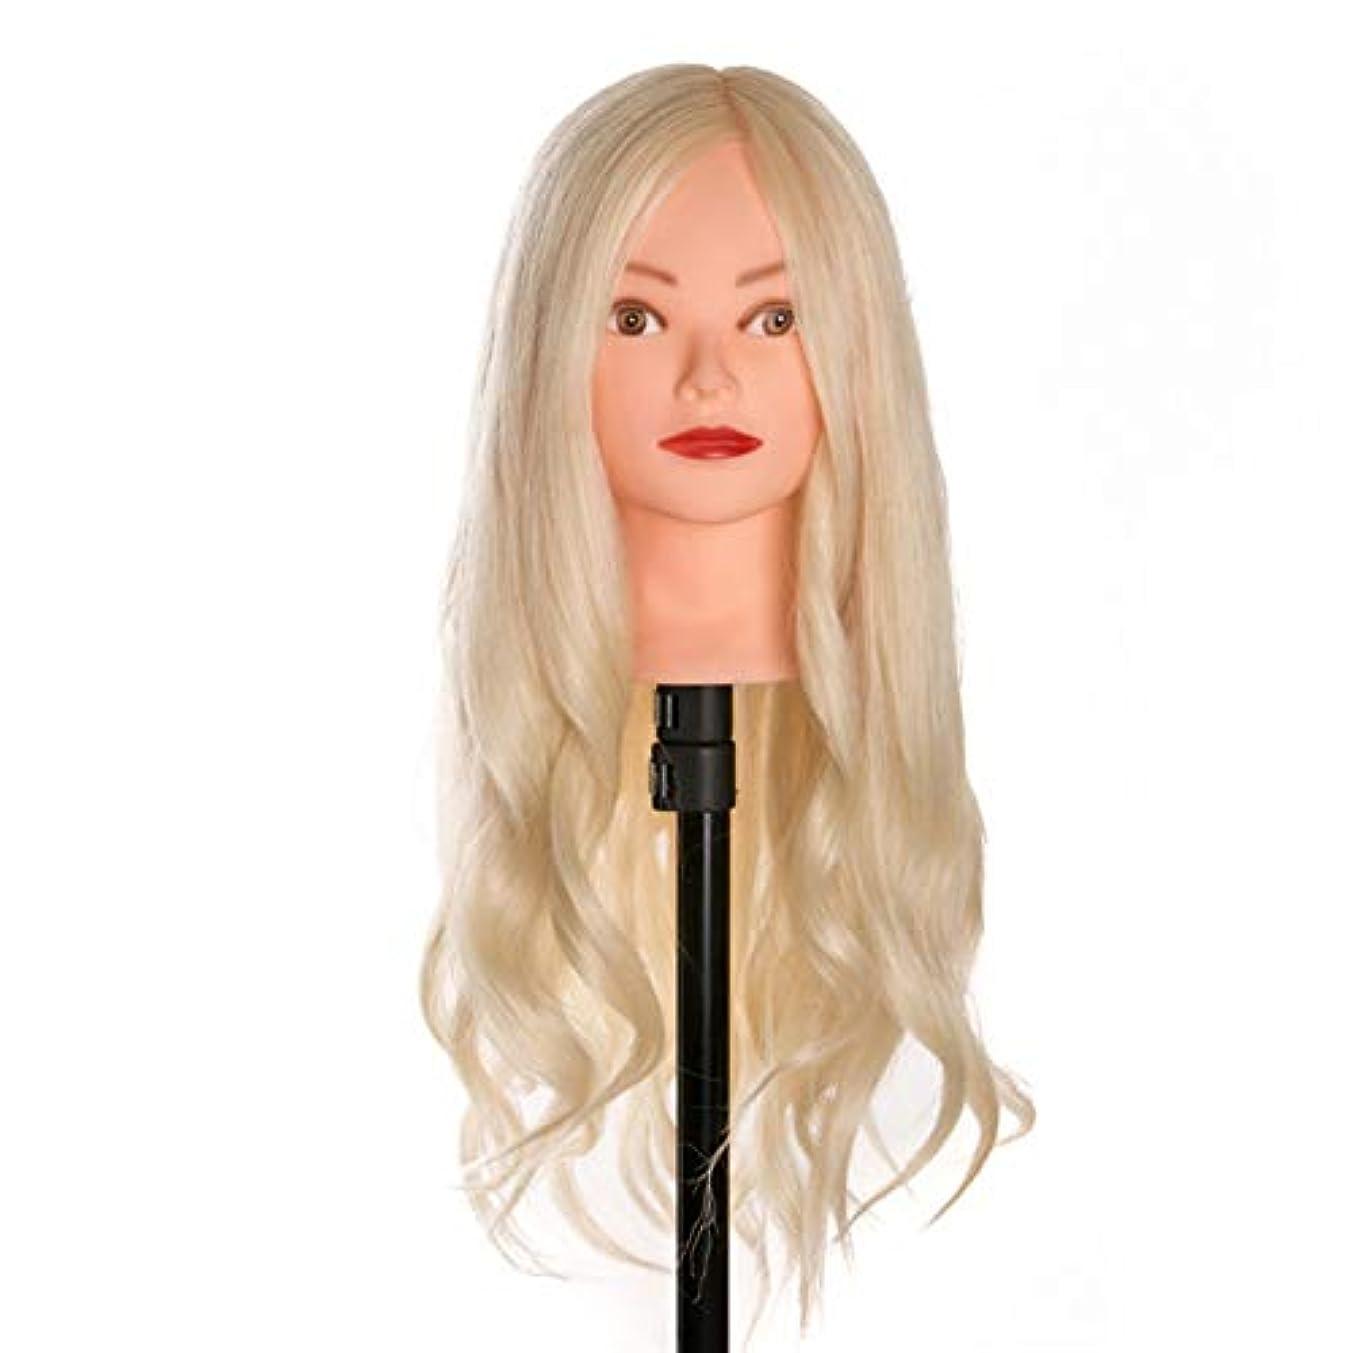 正しく申し立て感心するヘアカットトレーニングかつらメイクディスクヘアスタイリング編組ティーチングダミーヘッド理髪サロンエクササイズヘッド金型3個